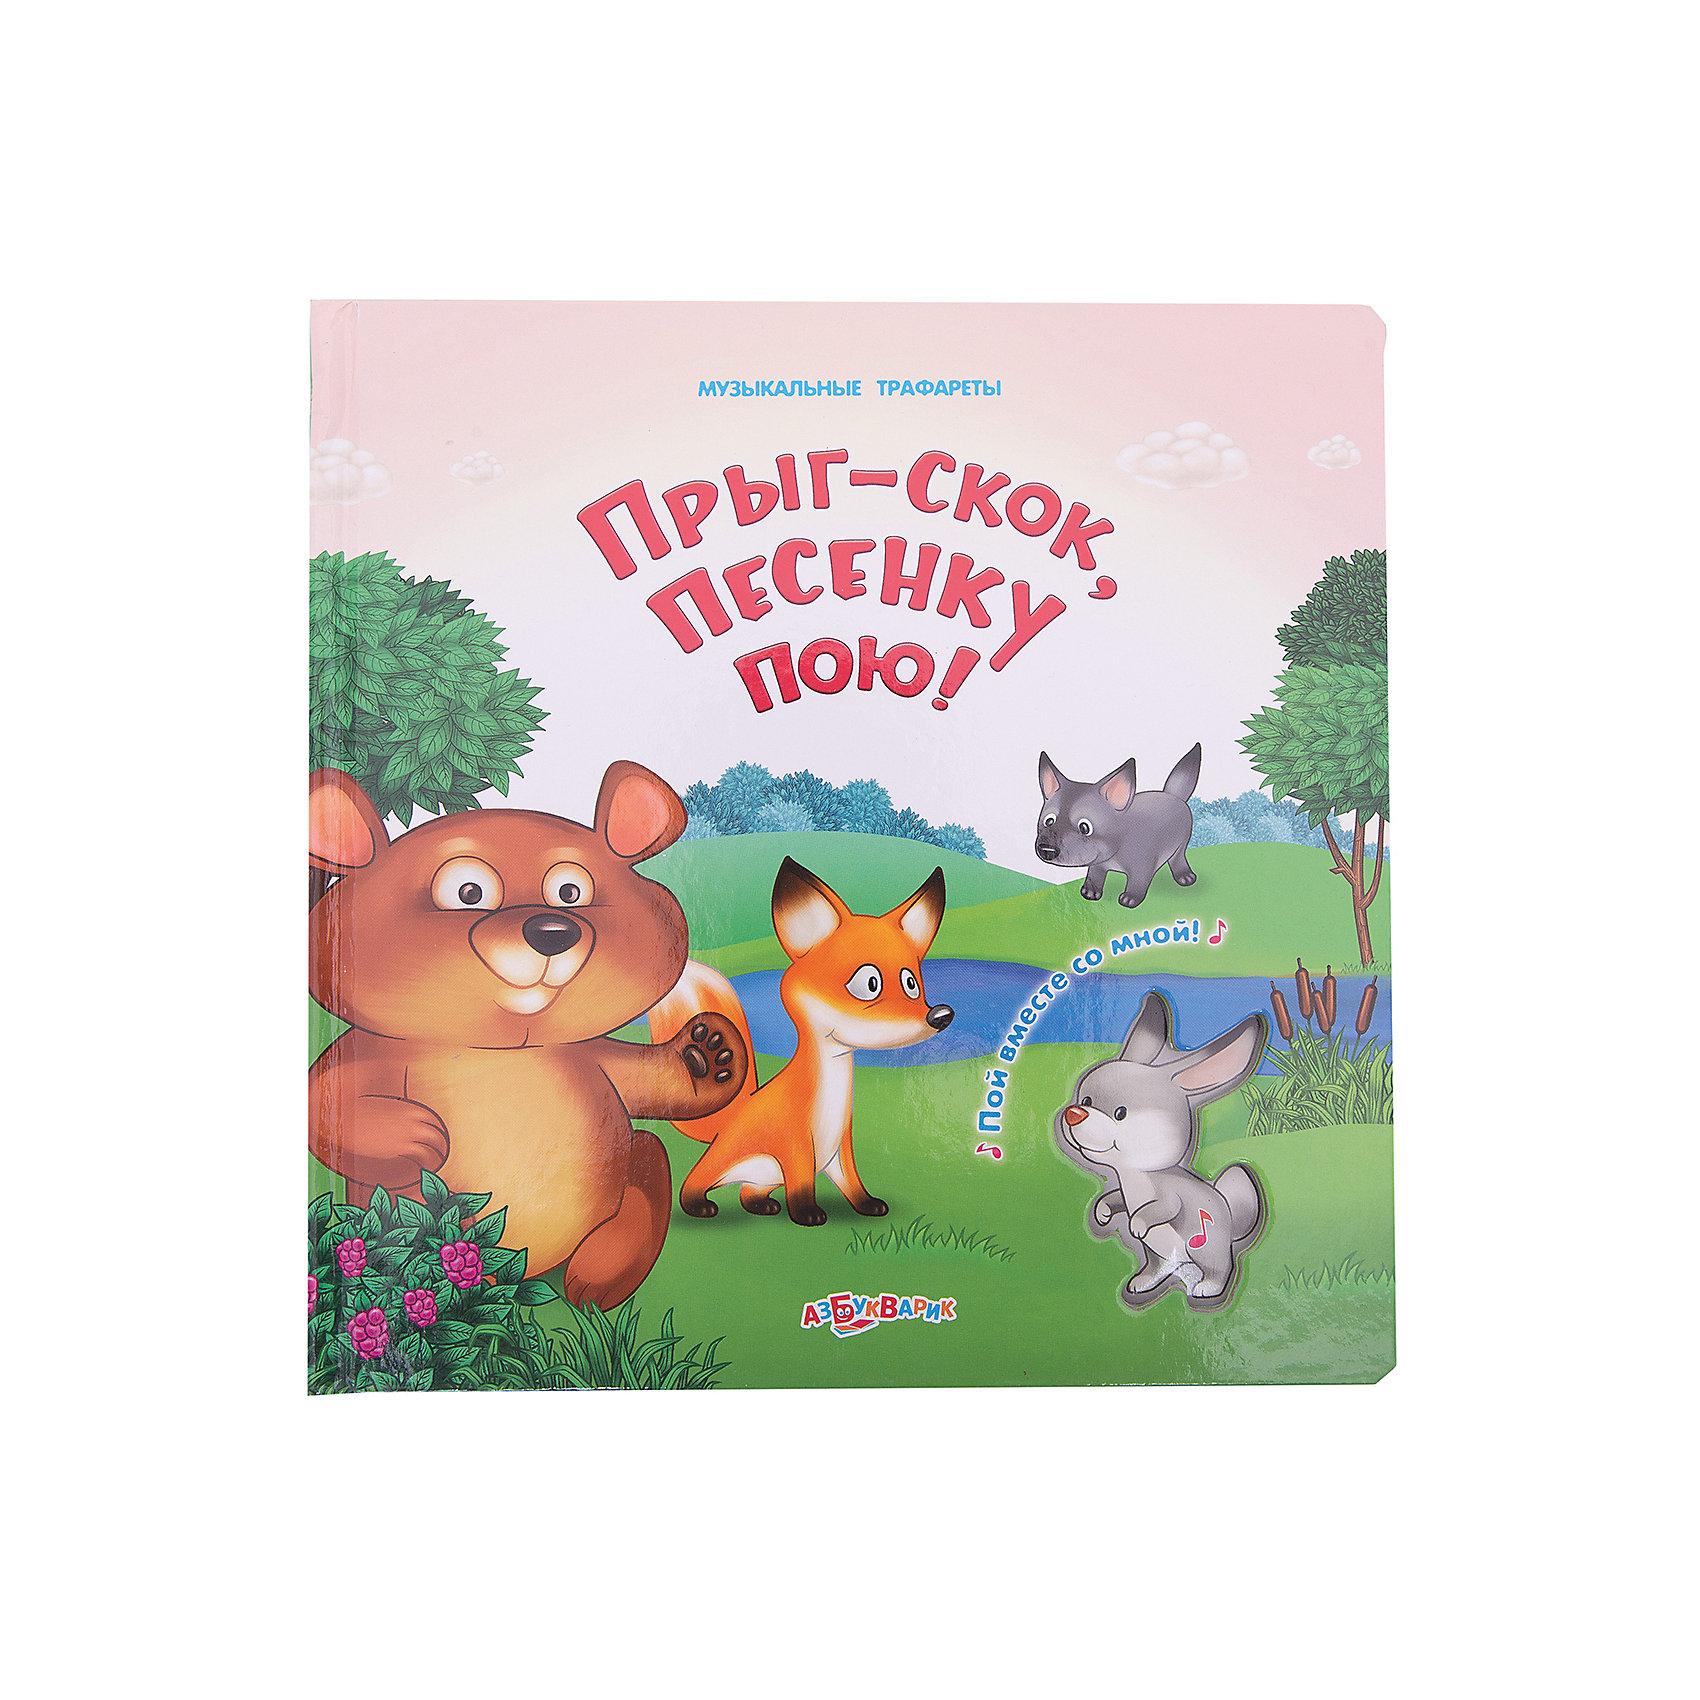 Прыг-скок,песенку пою!Говорящие книги<br>С этой замечательной книги, трафаретами, которые в ней находятся, и музыкального модуля малыш изучит животных: научится рисовать и узнавать их по контуру, услышит настоящие голоса обитателей фермы, леса, джунглей, саванны. Вместе с забавными героями он отправится в увлекательное познавательное путешествие, а веселая песенка поднимет крохе настроение.<br><br>Дополнительная информация:<br>  <br>- Переплет: картон.<br>- Формат: 24,6х24,6 см.<br>- Количество страниц: 10.<br>- Иллюстрации: цветные. <br>- Элемент питания: батарейки G10 (в комплекте).<br><br>Книгу Прыг-скок, песенку пою! можно купить в нашем магазине.<br><br>Ширина мм: 245<br>Глубина мм: 150<br>Высота мм: 20<br>Вес г: 440<br>Возраст от месяцев: 24<br>Возраст до месяцев: 60<br>Пол: Унисекс<br>Возраст: Детский<br>SKU: 4603734